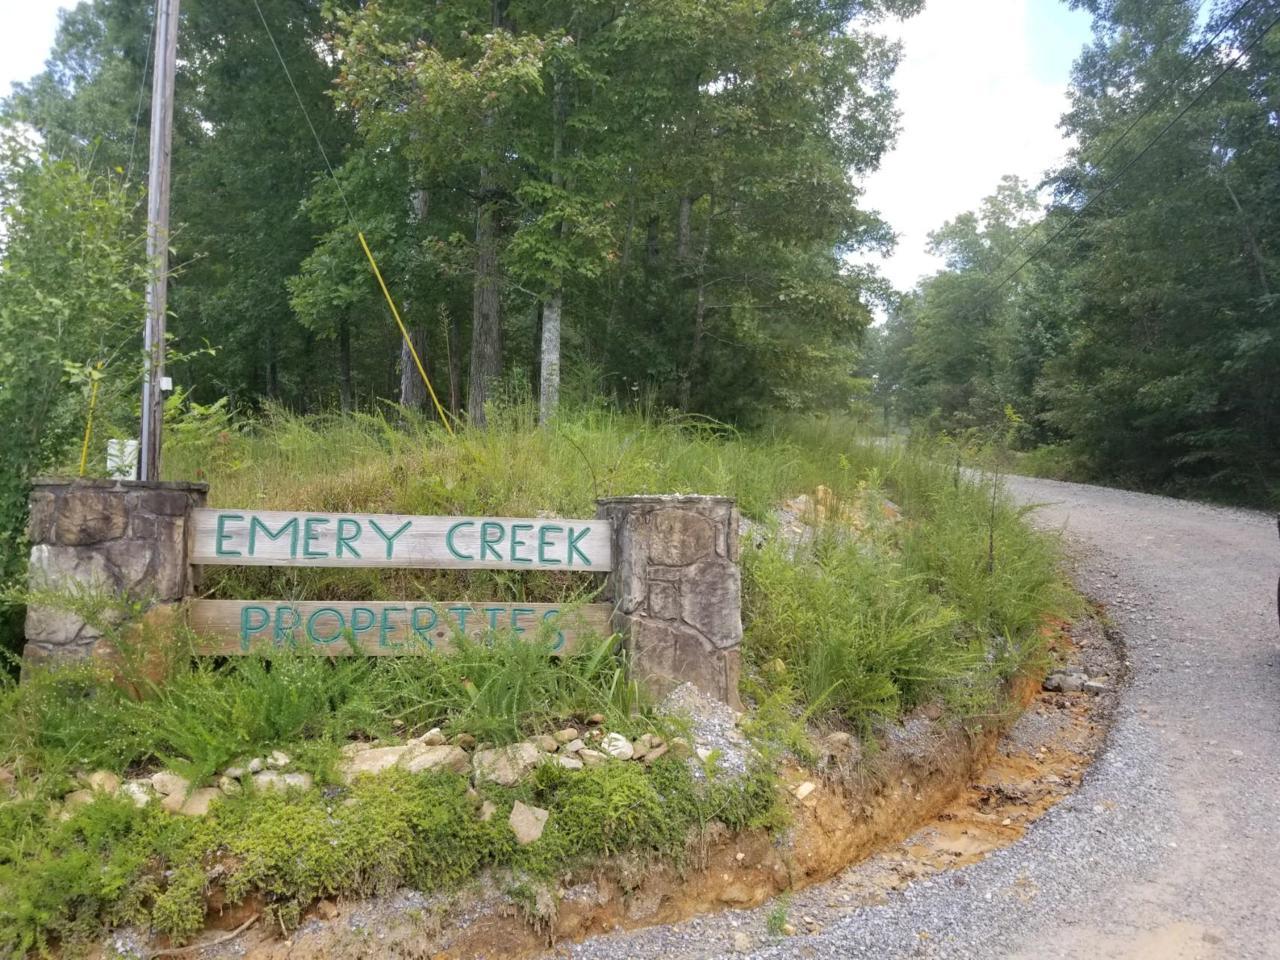 0 Emery Creek Rd - Photo 1